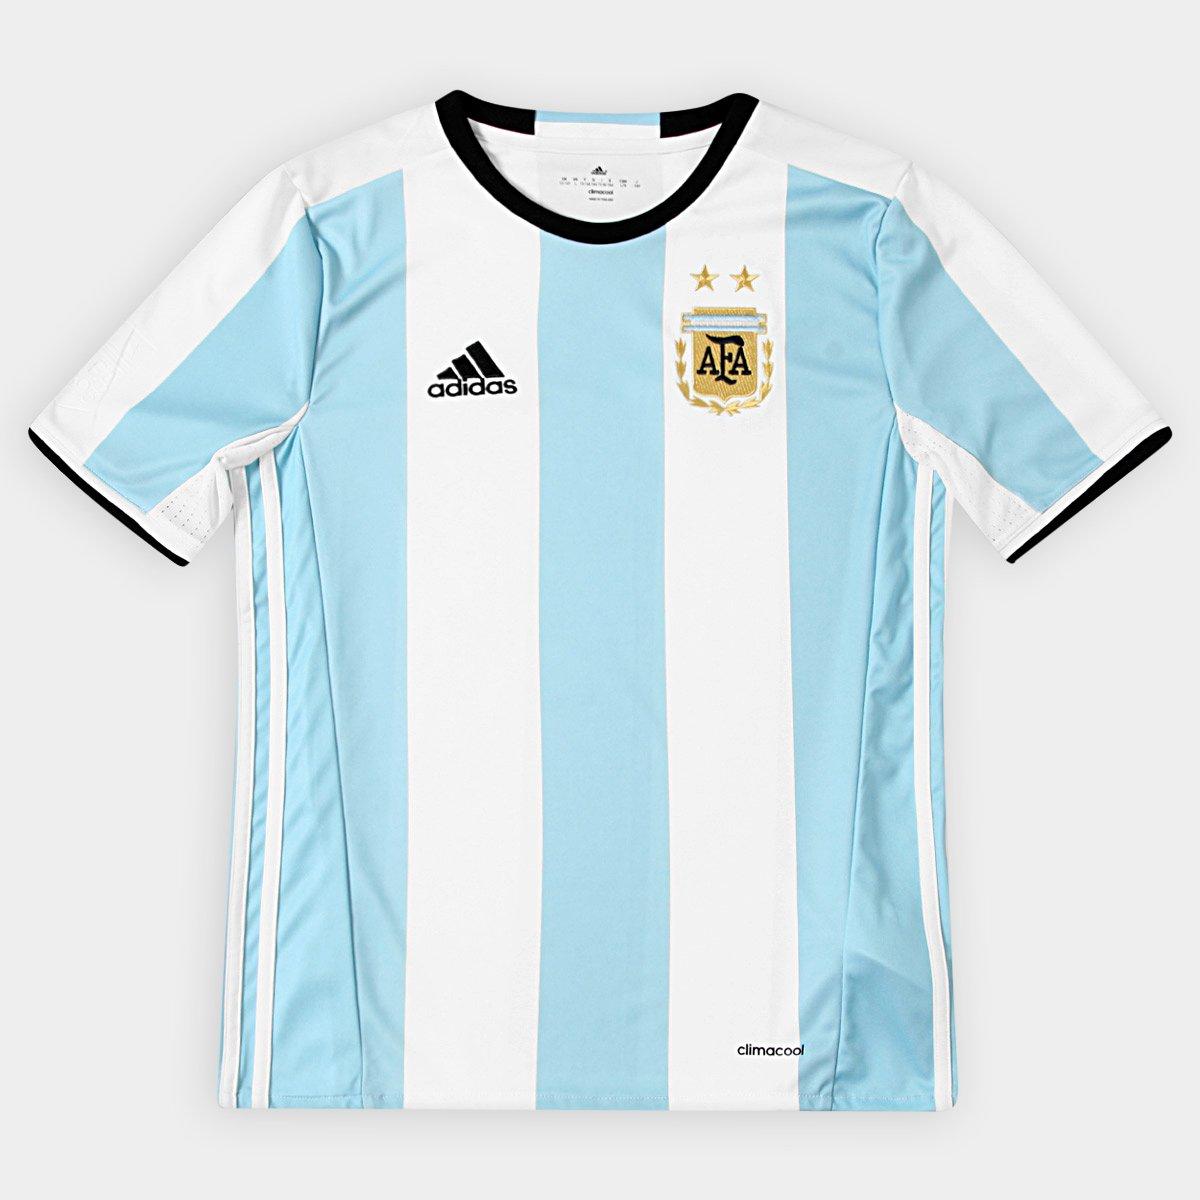 e4a0e188f7 Camisa Seleção Argentina Infantil Home 2016 s nº - Torcedor Adidas - Compre  Agora